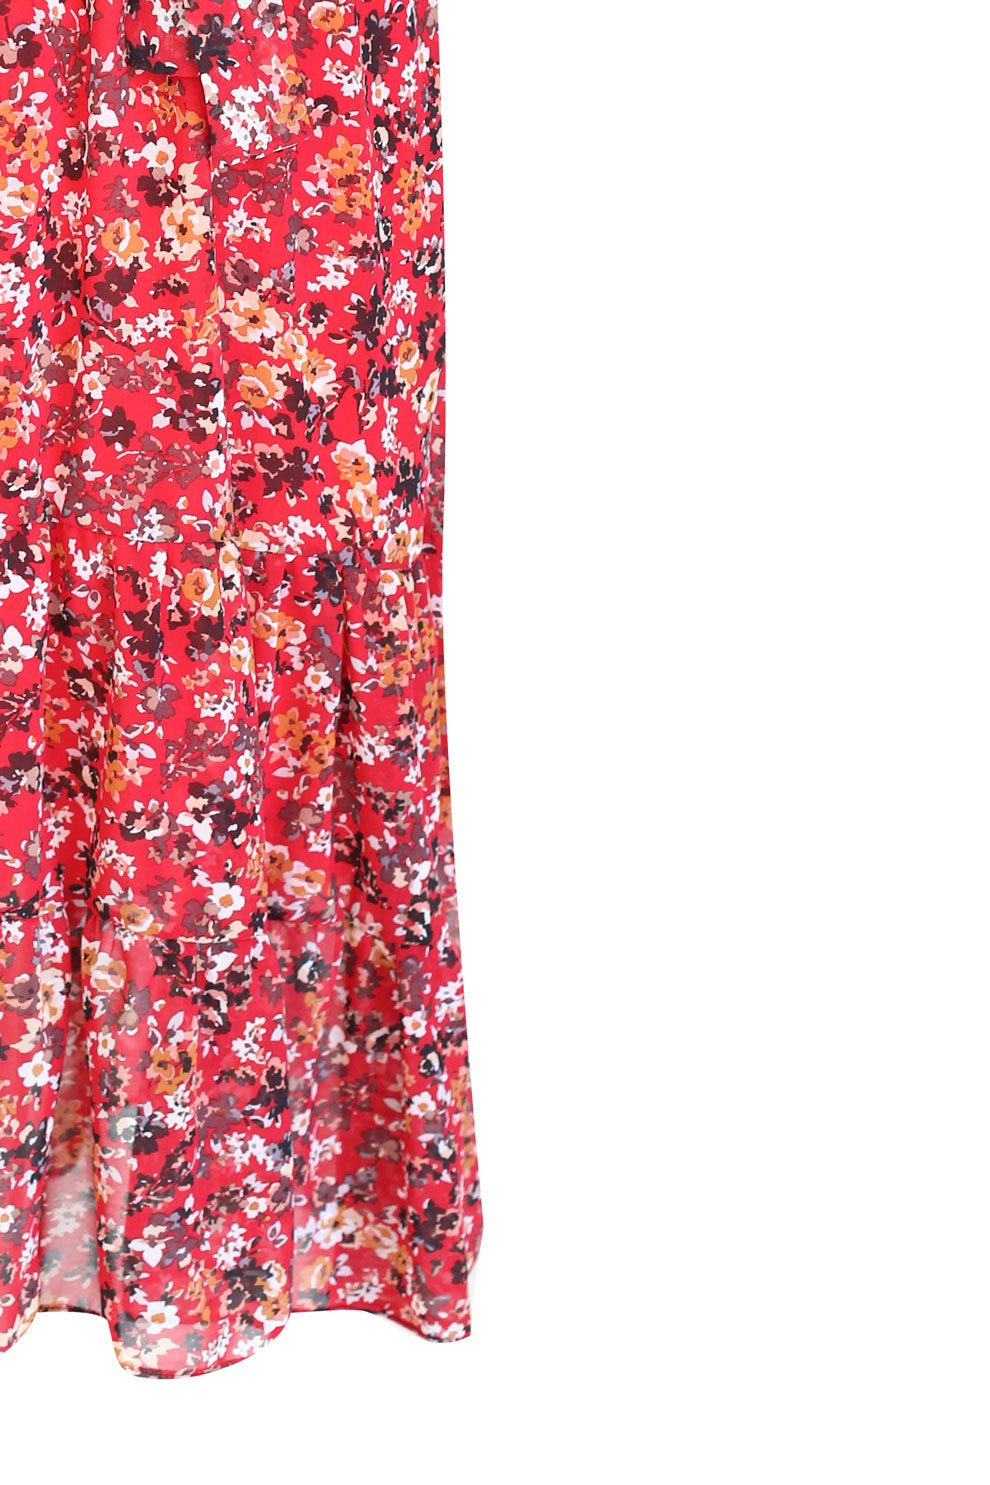 e2c86485a4 Czerwona sukienka Maxi 7 8 w kwiatki L AMOUR